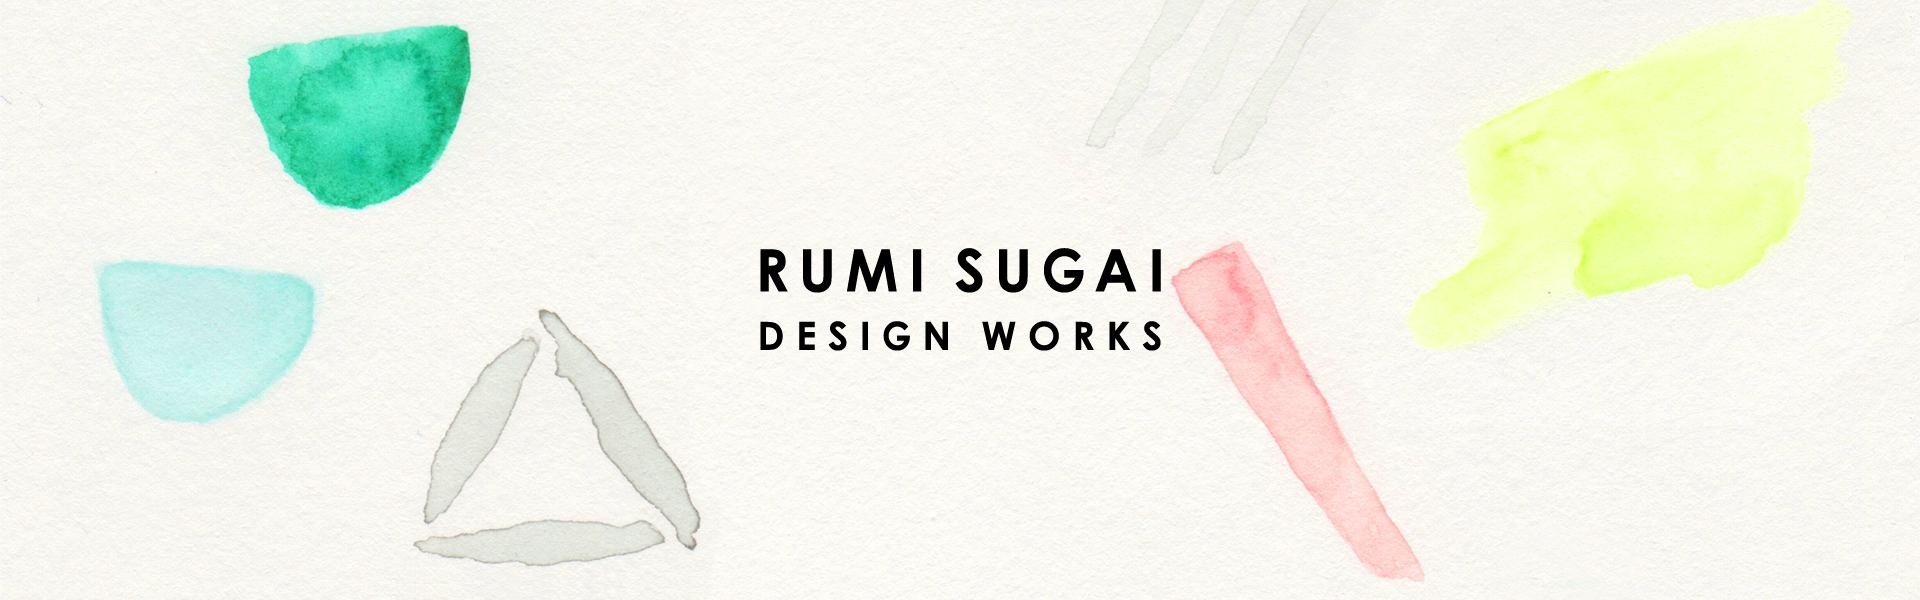 rumisugai design works